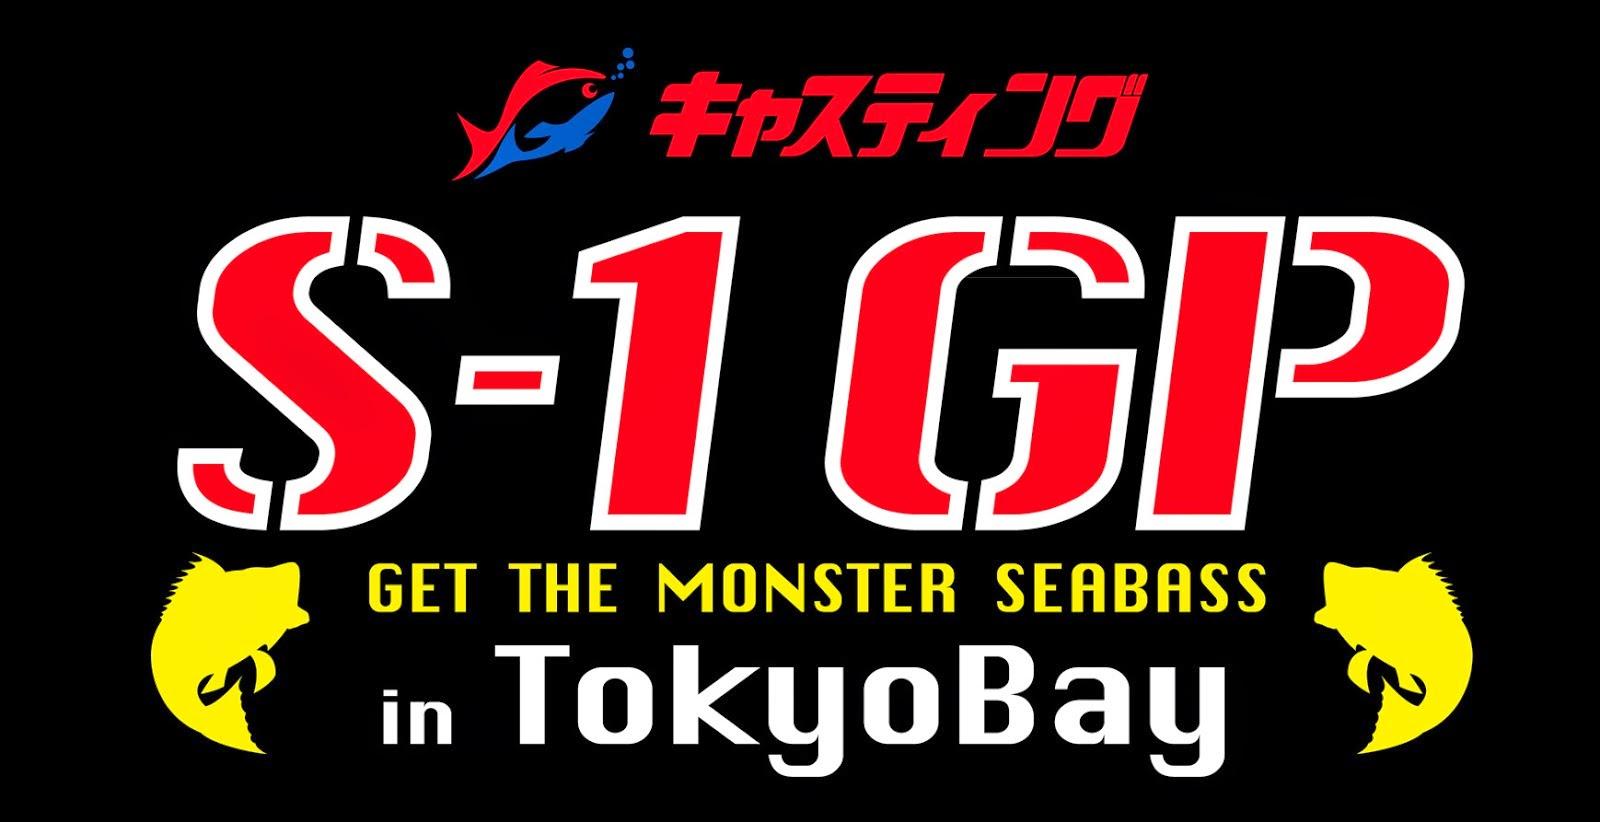 キャスティング S-1GP in Tokyo Bay